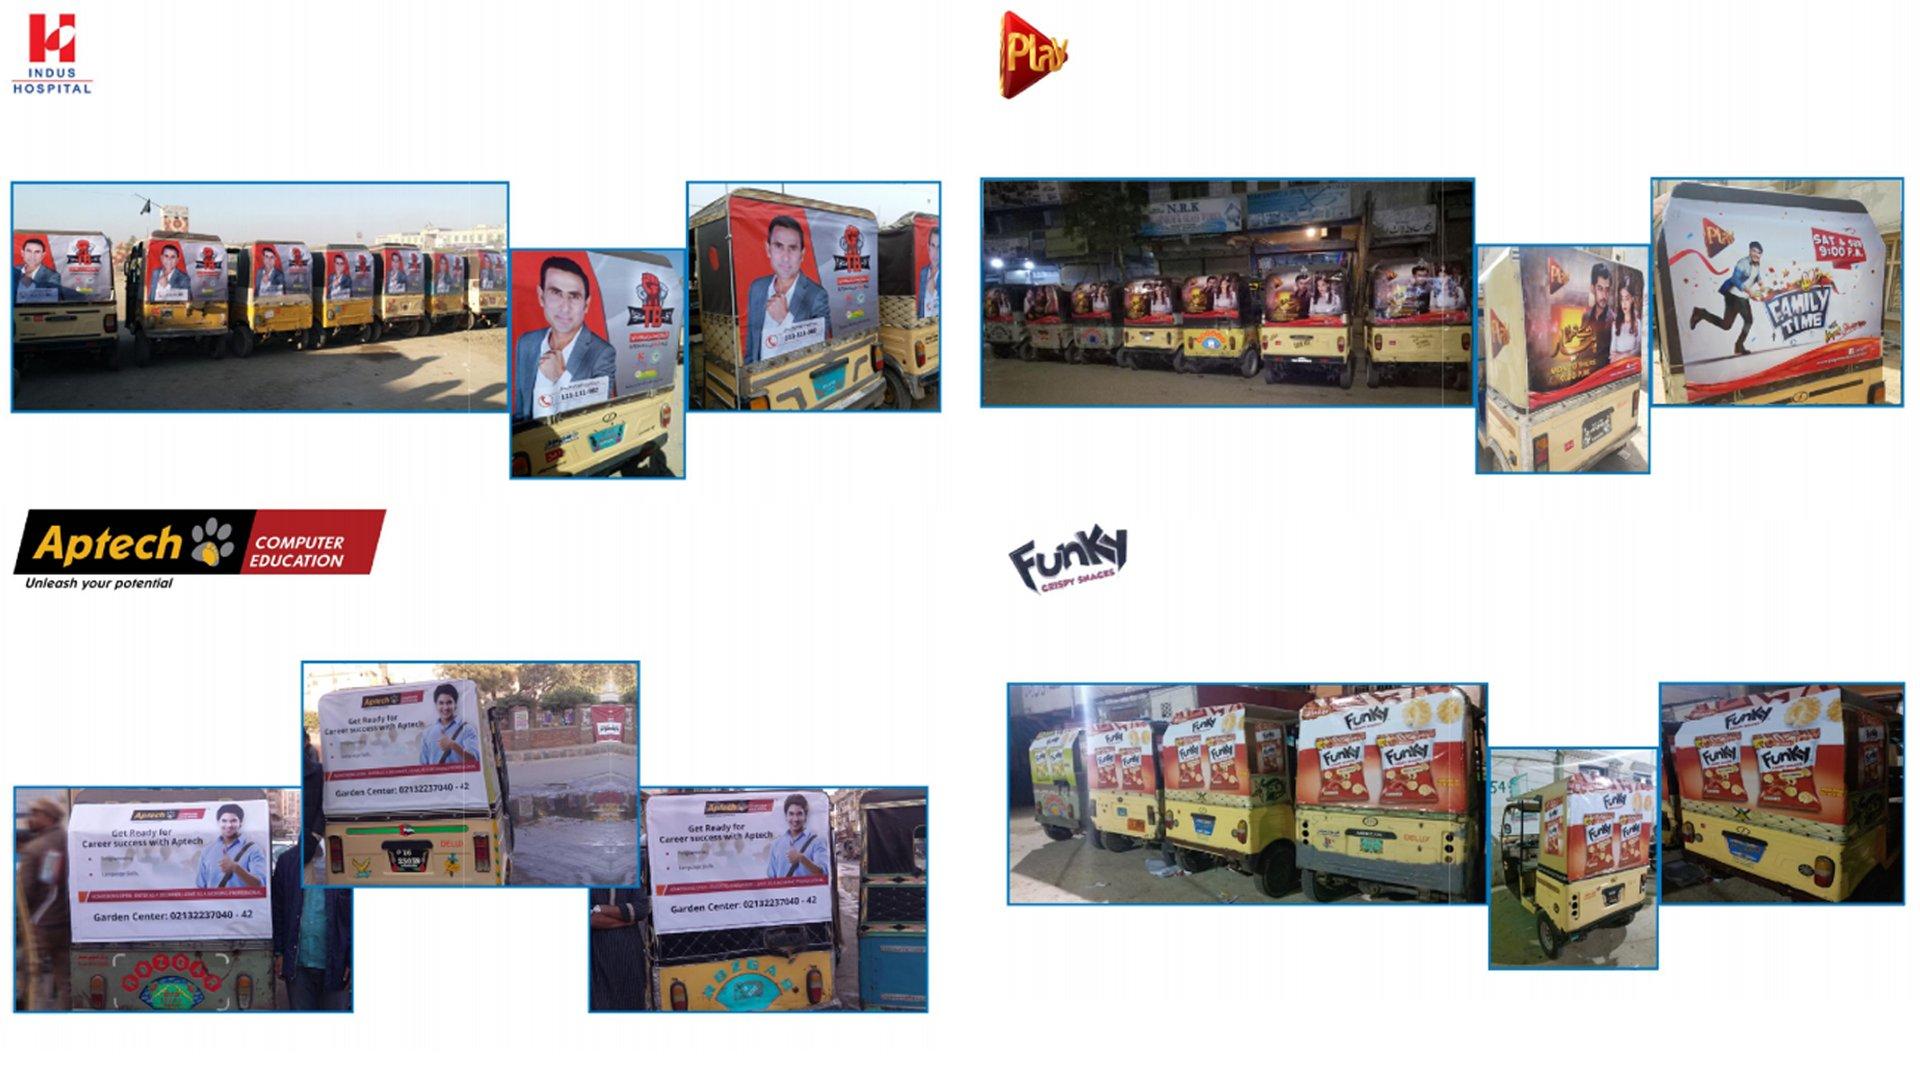 rickshaw advertising karachi